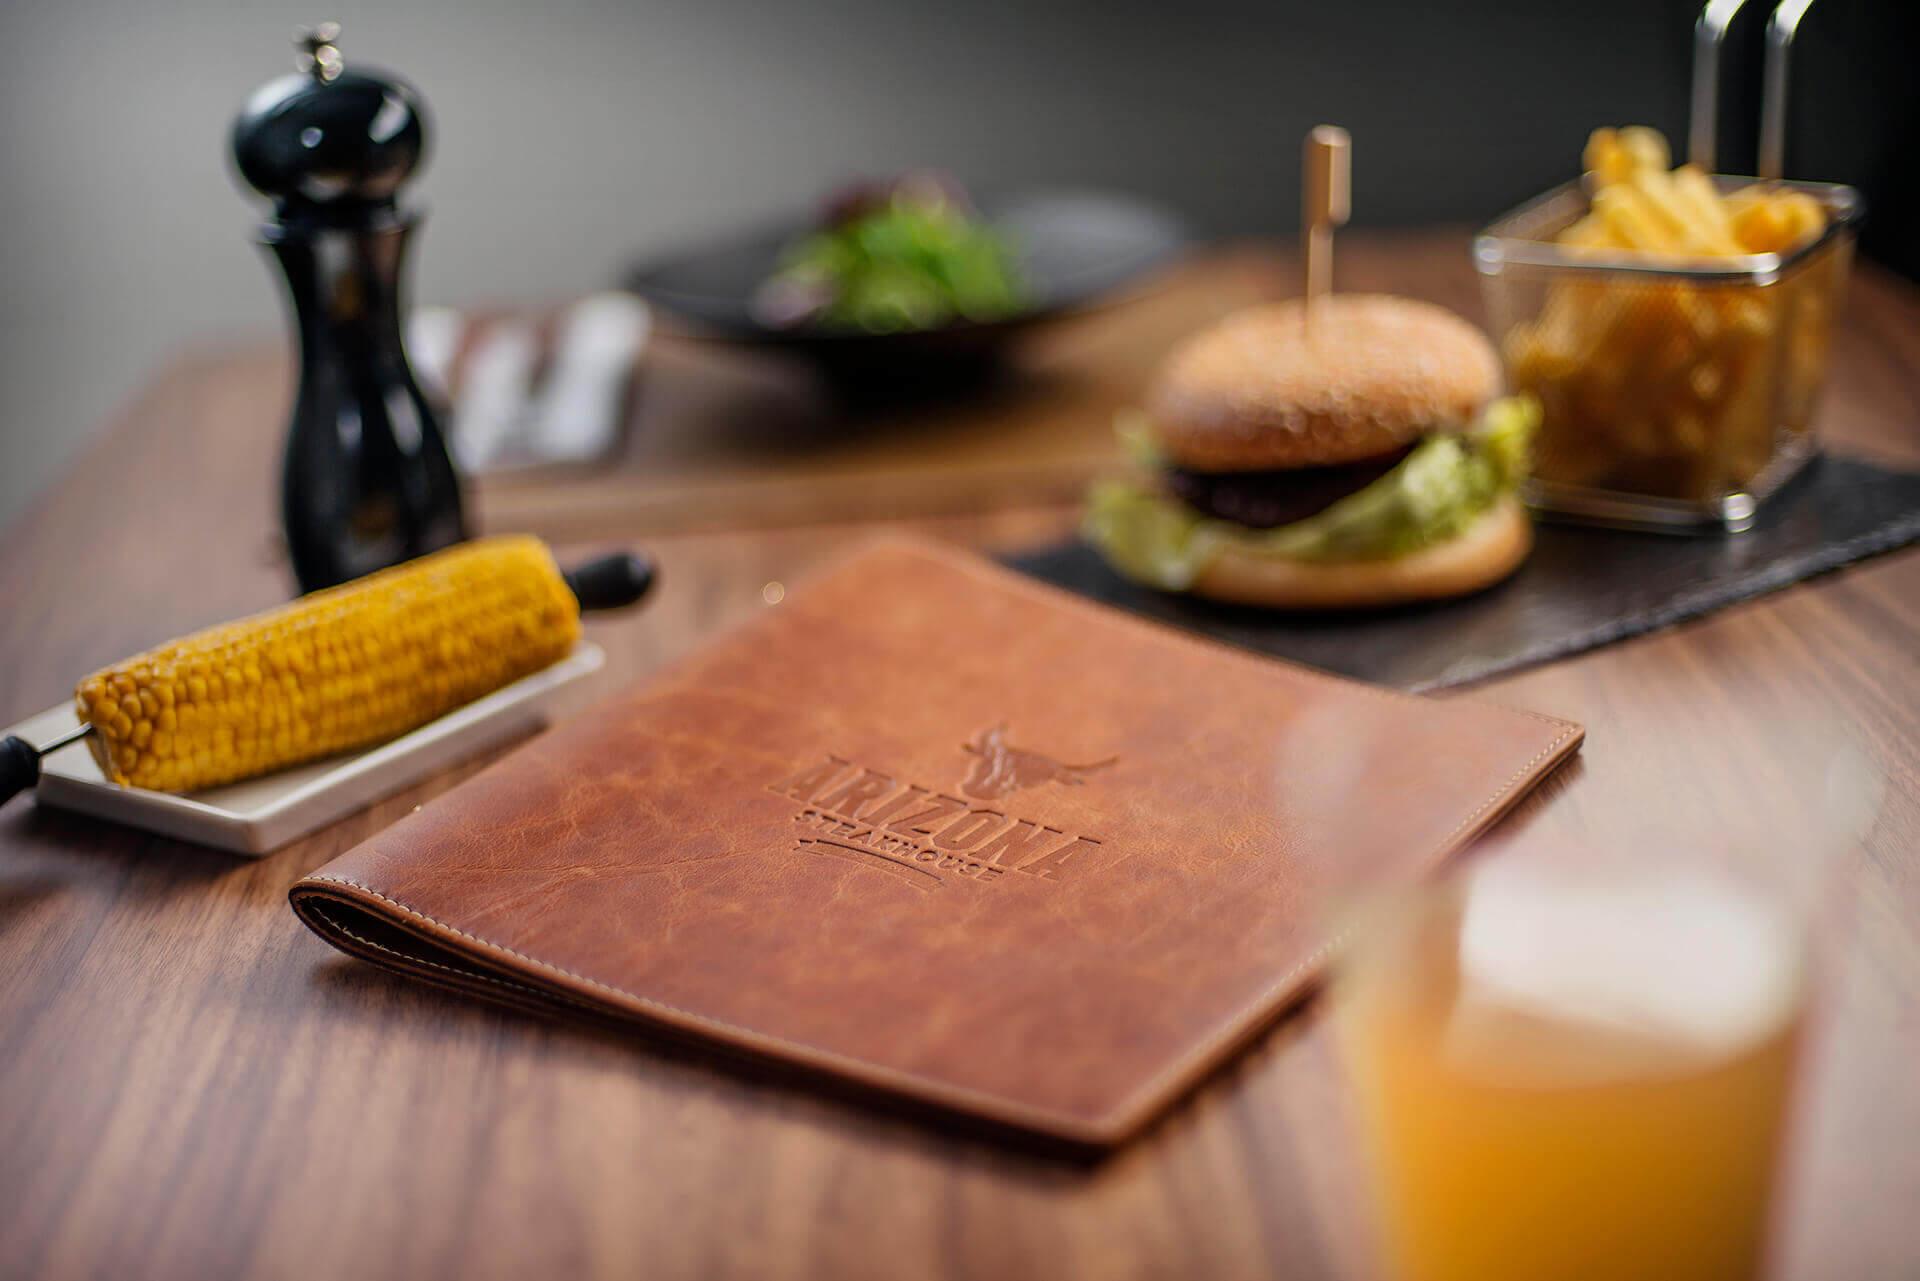 Der Bestseller - unsere Softcover Speisekarten im Steakhouse-Design